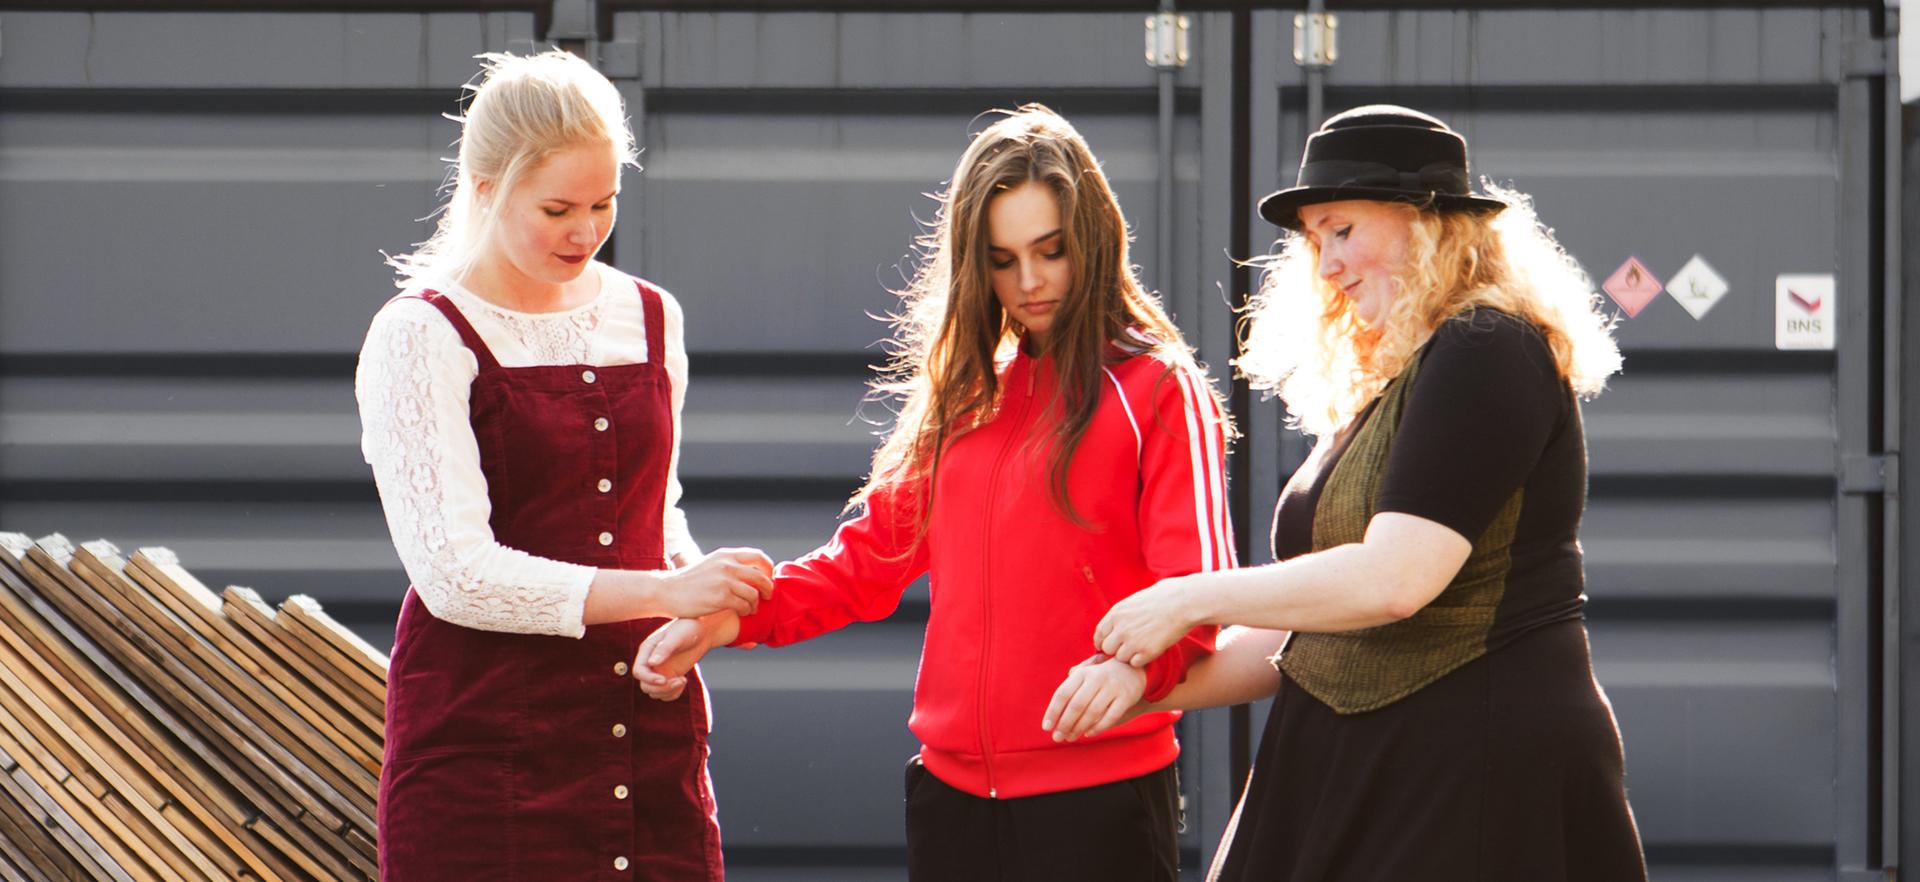 Tre damer - brukte klær